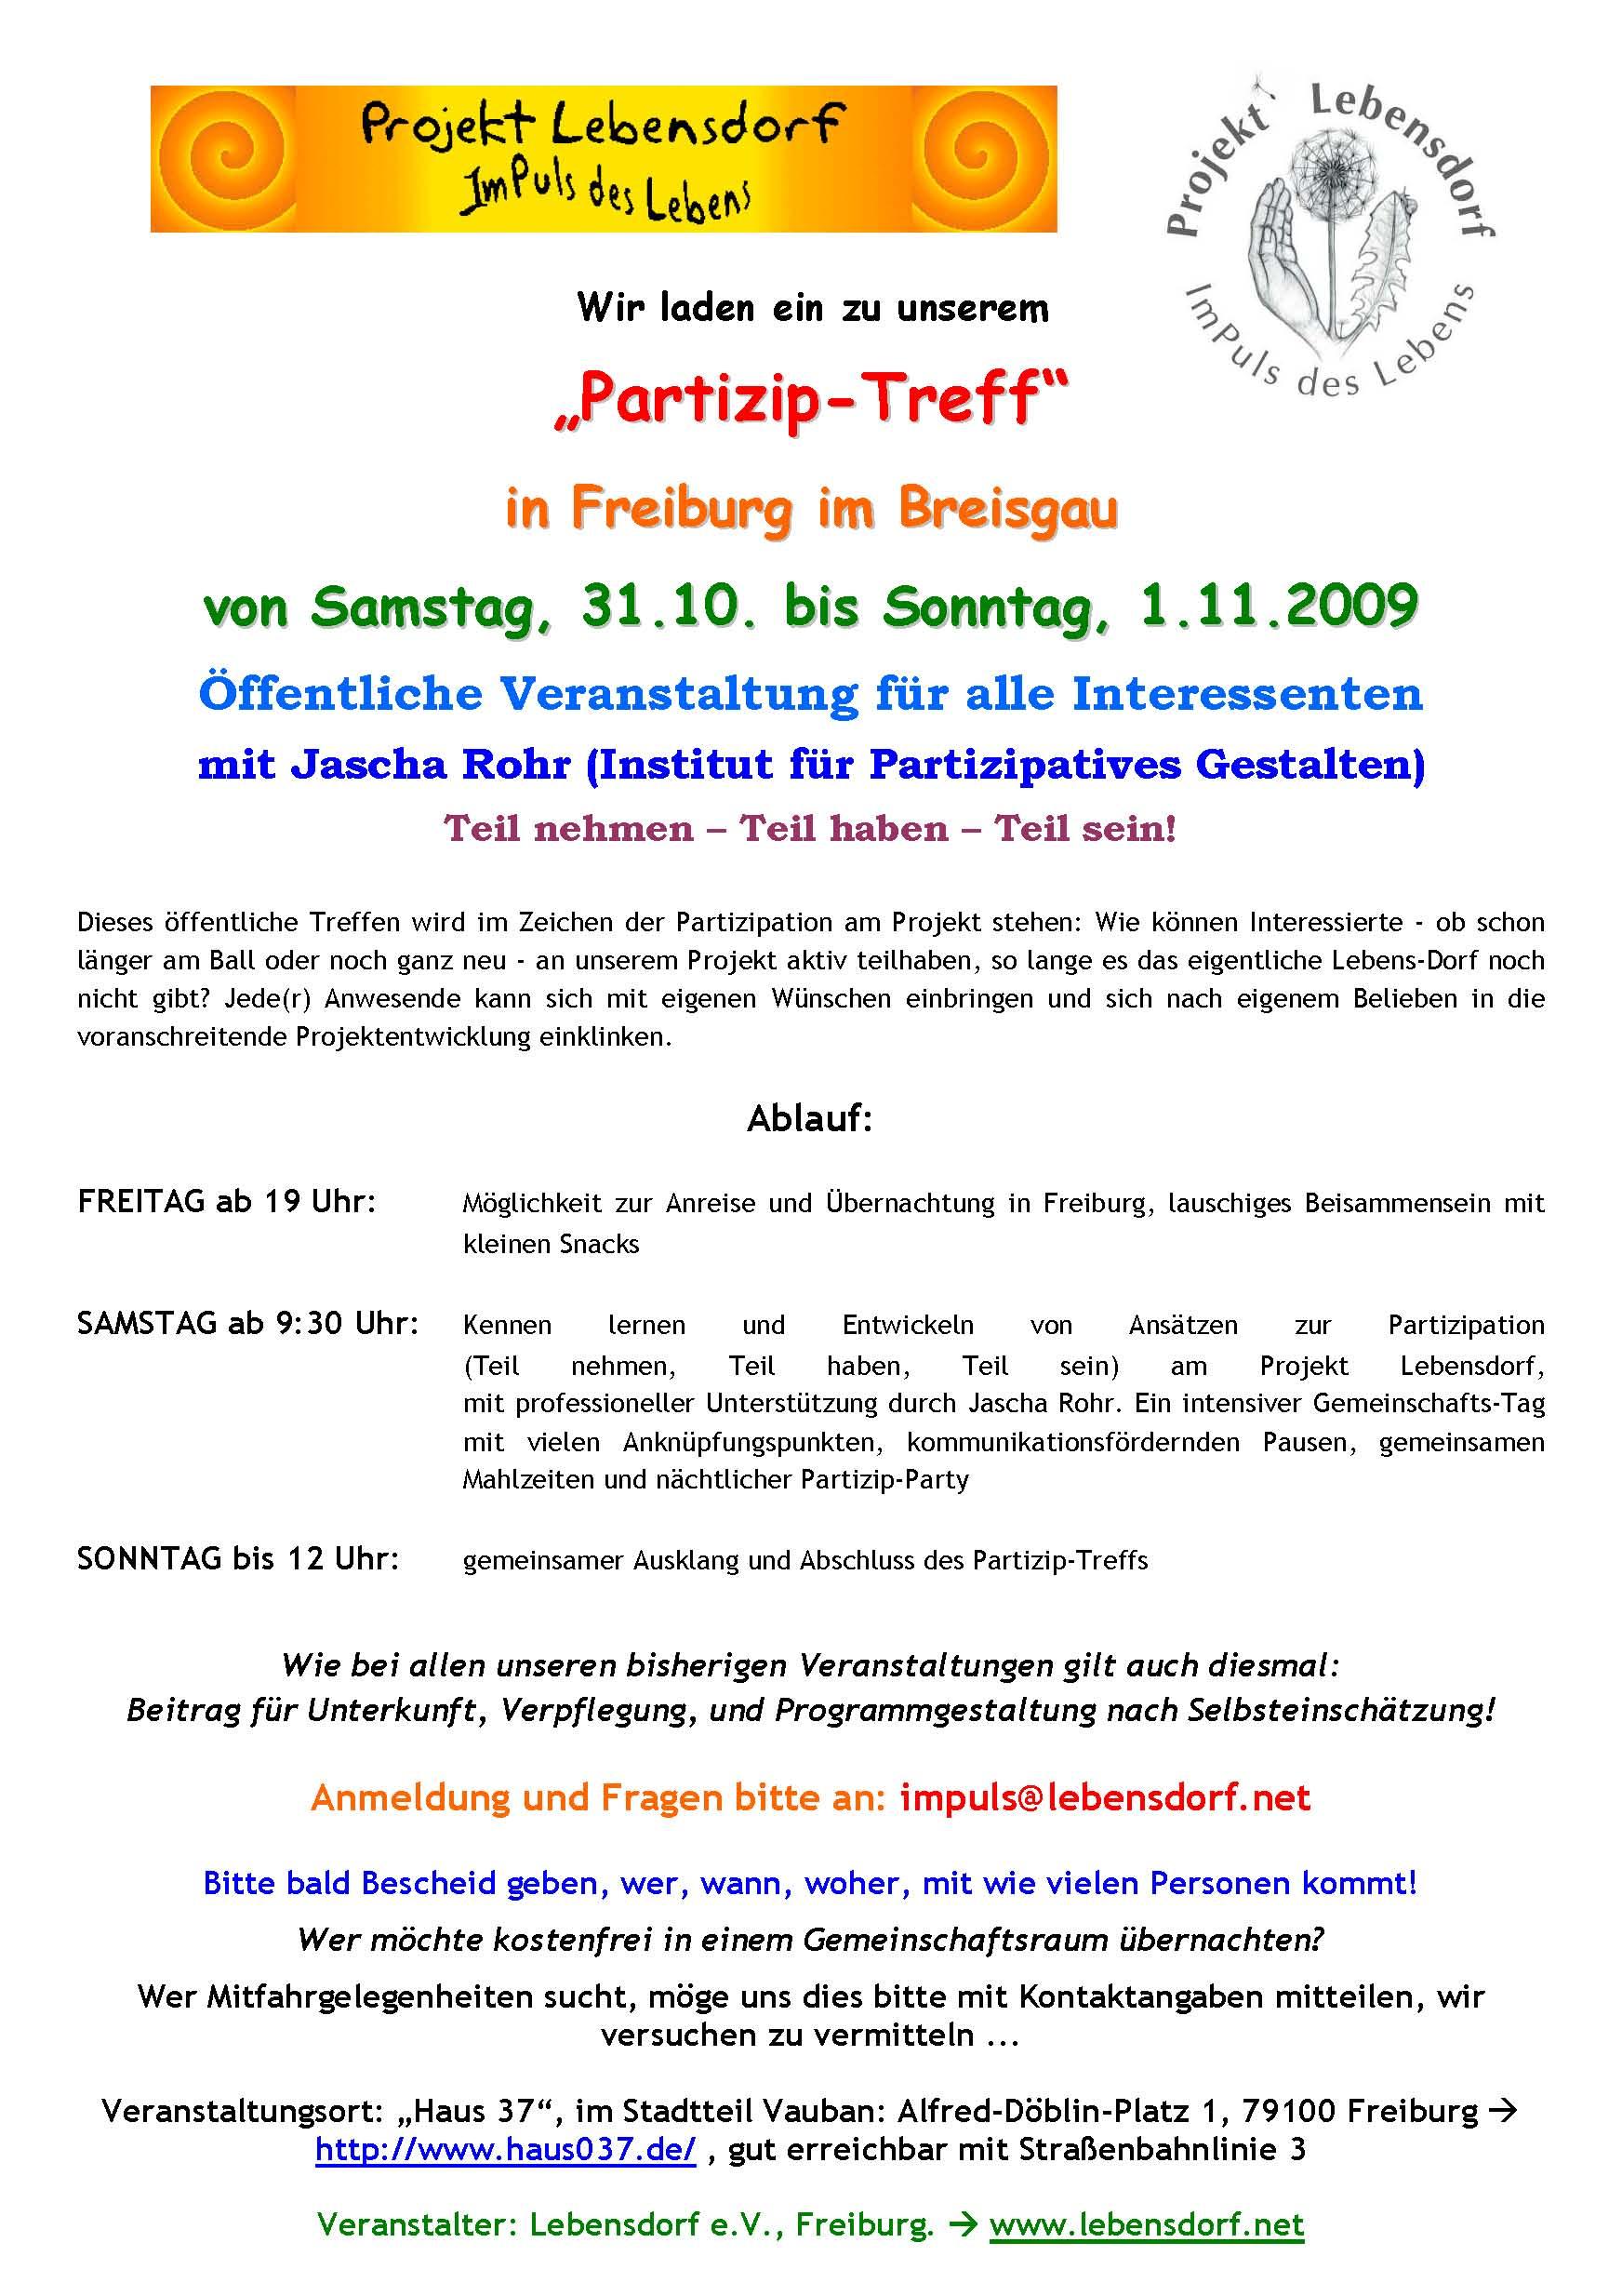 einladung-lebensdorf-partizip-treff-3110-11109